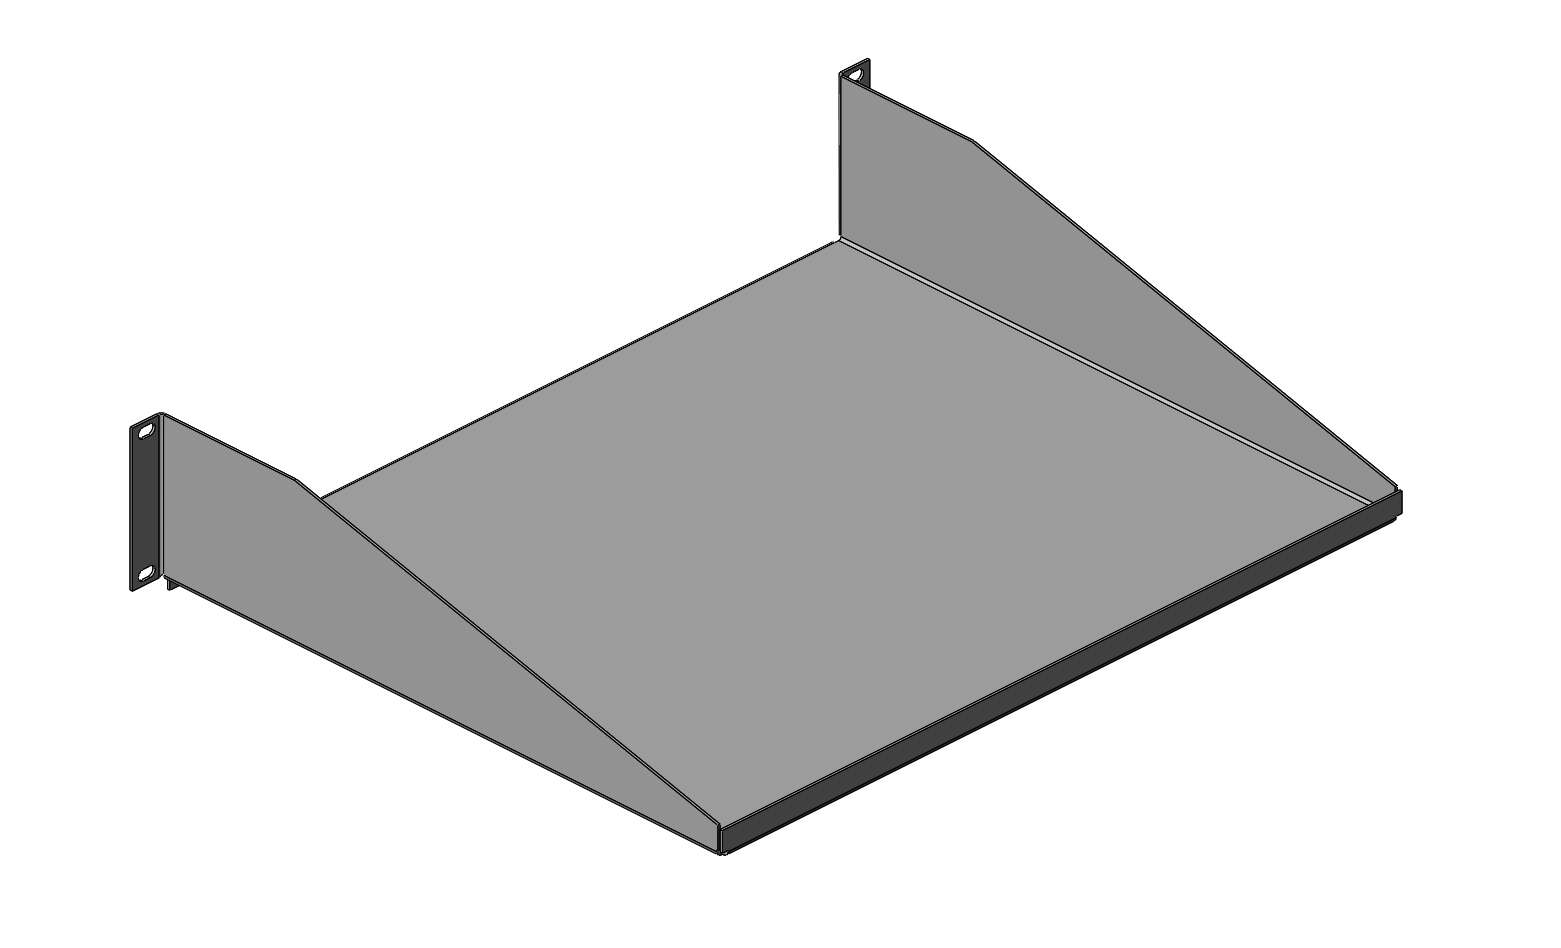 Section B - Shelves